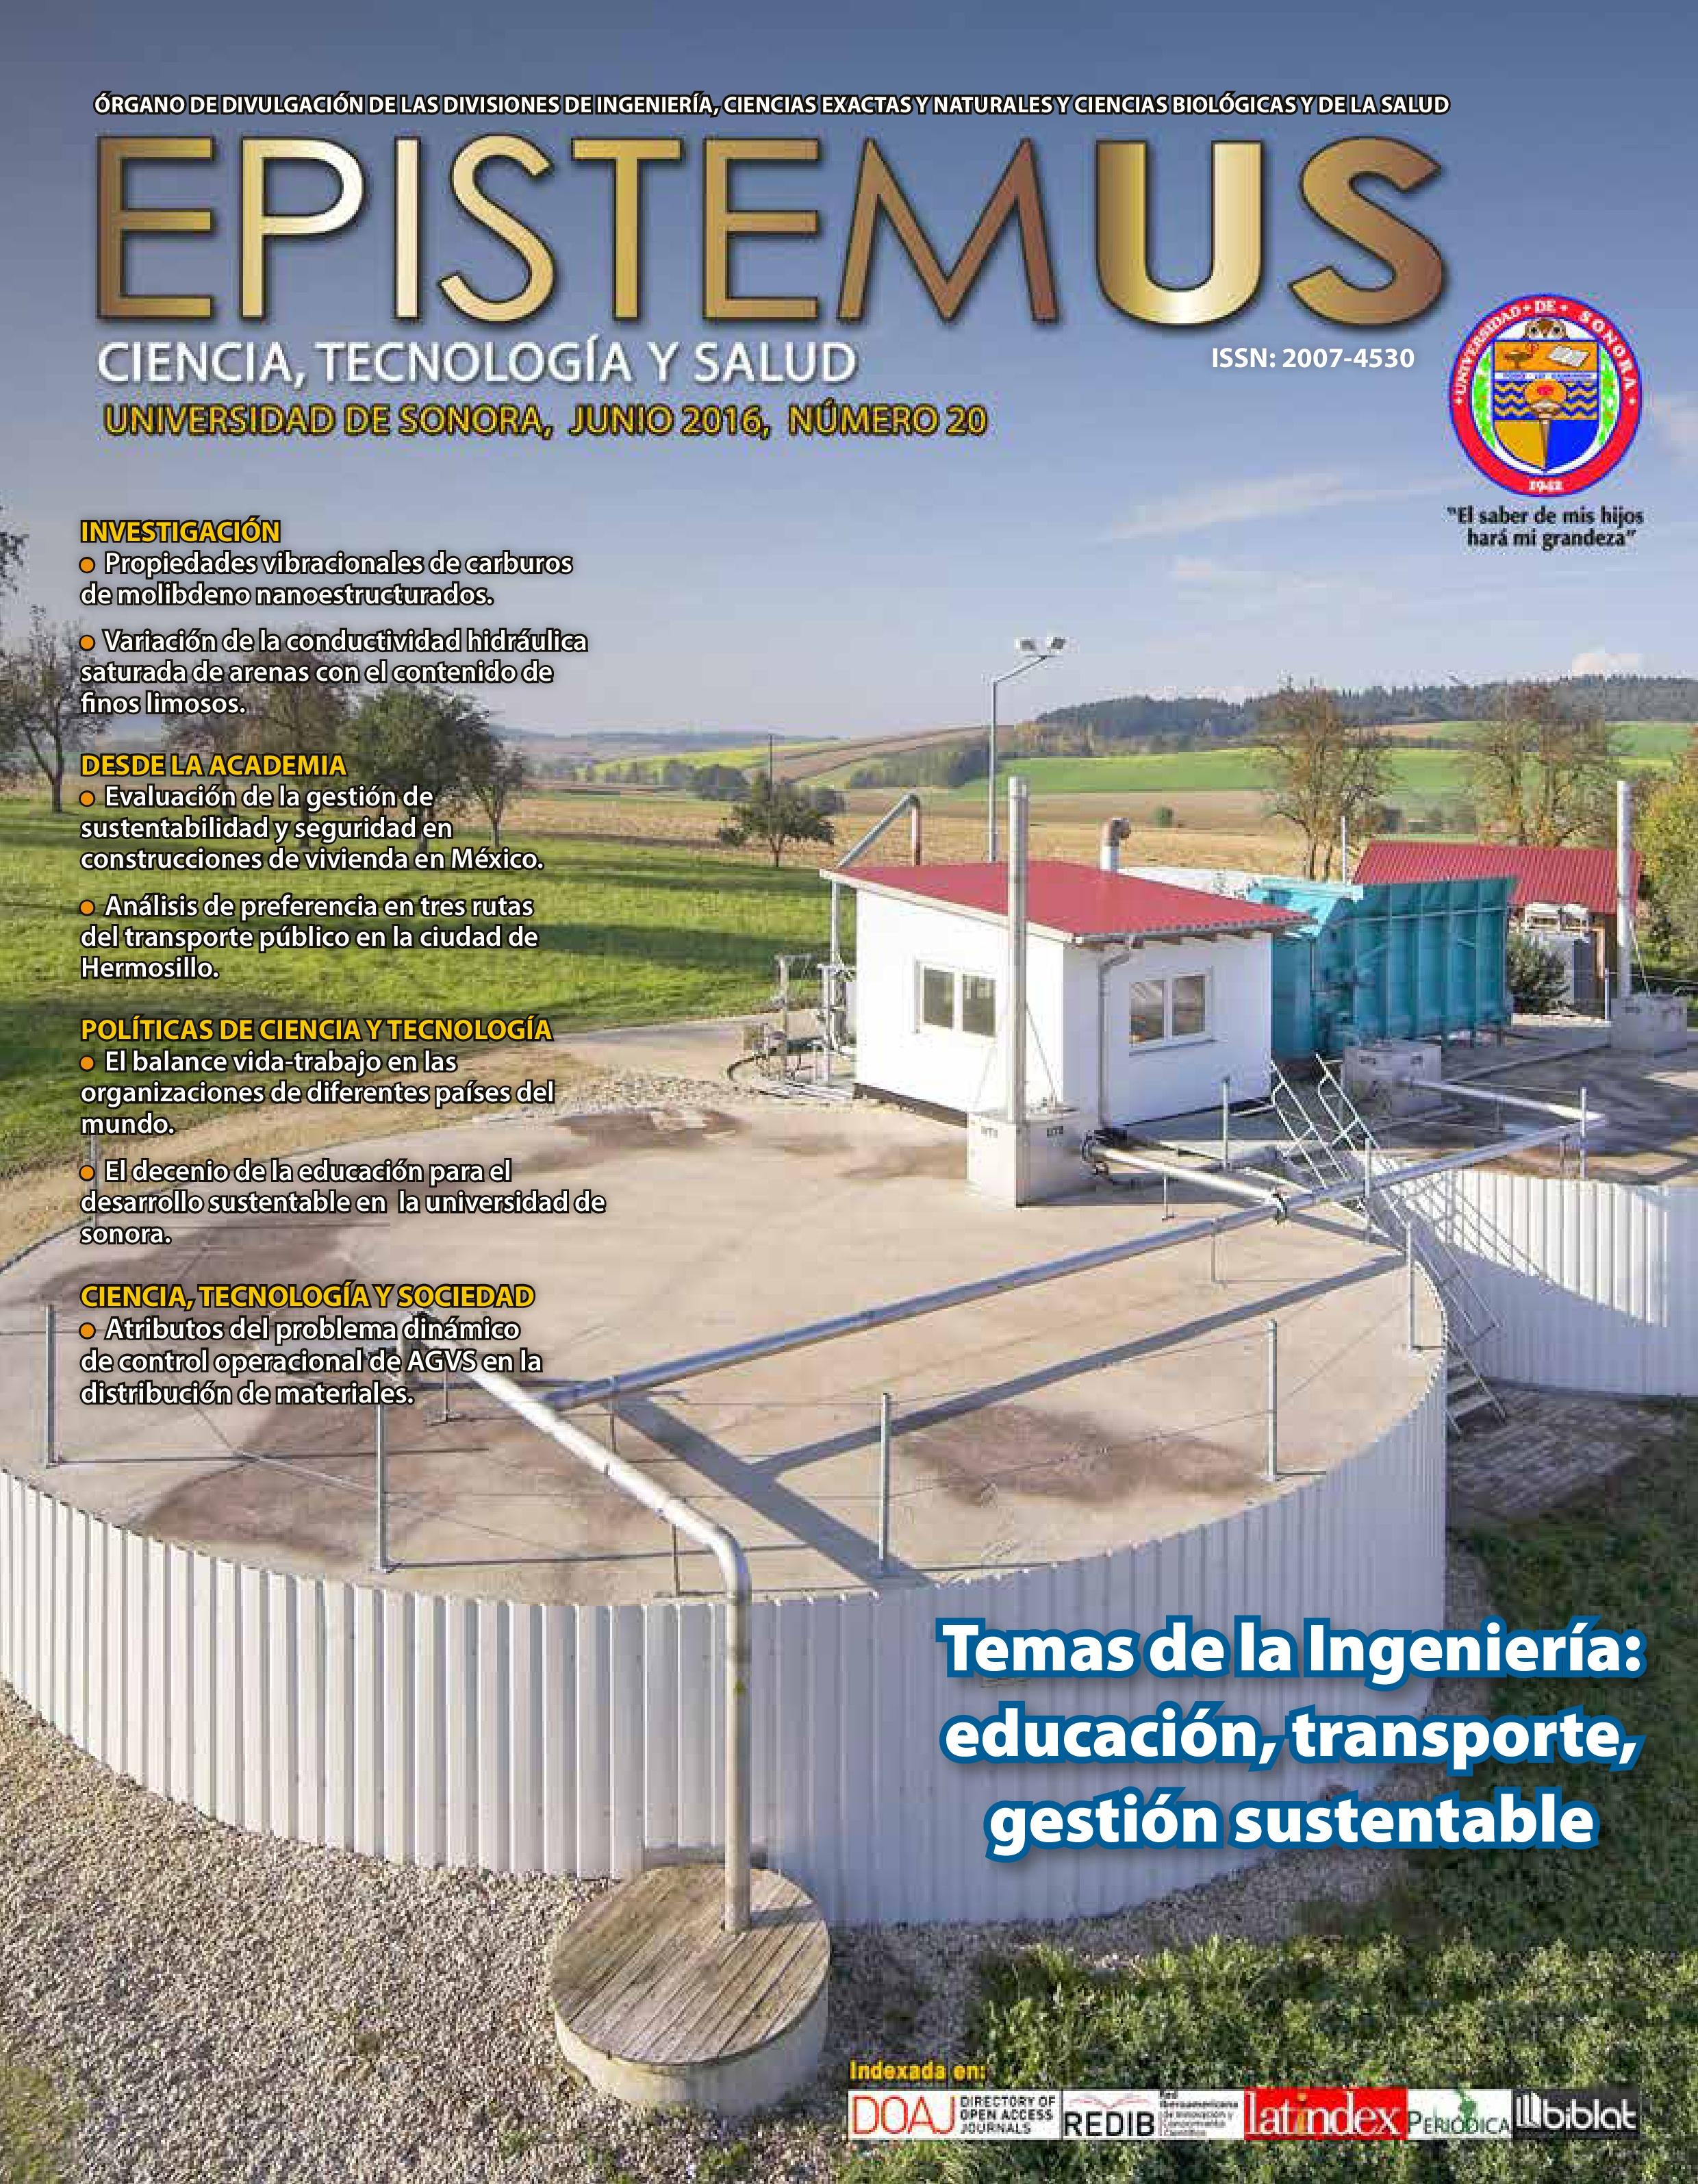 Ver Vol. 10 Núm. 20 (2016): Temas de la Ingeniería: educación, transporte, gestión sustentable